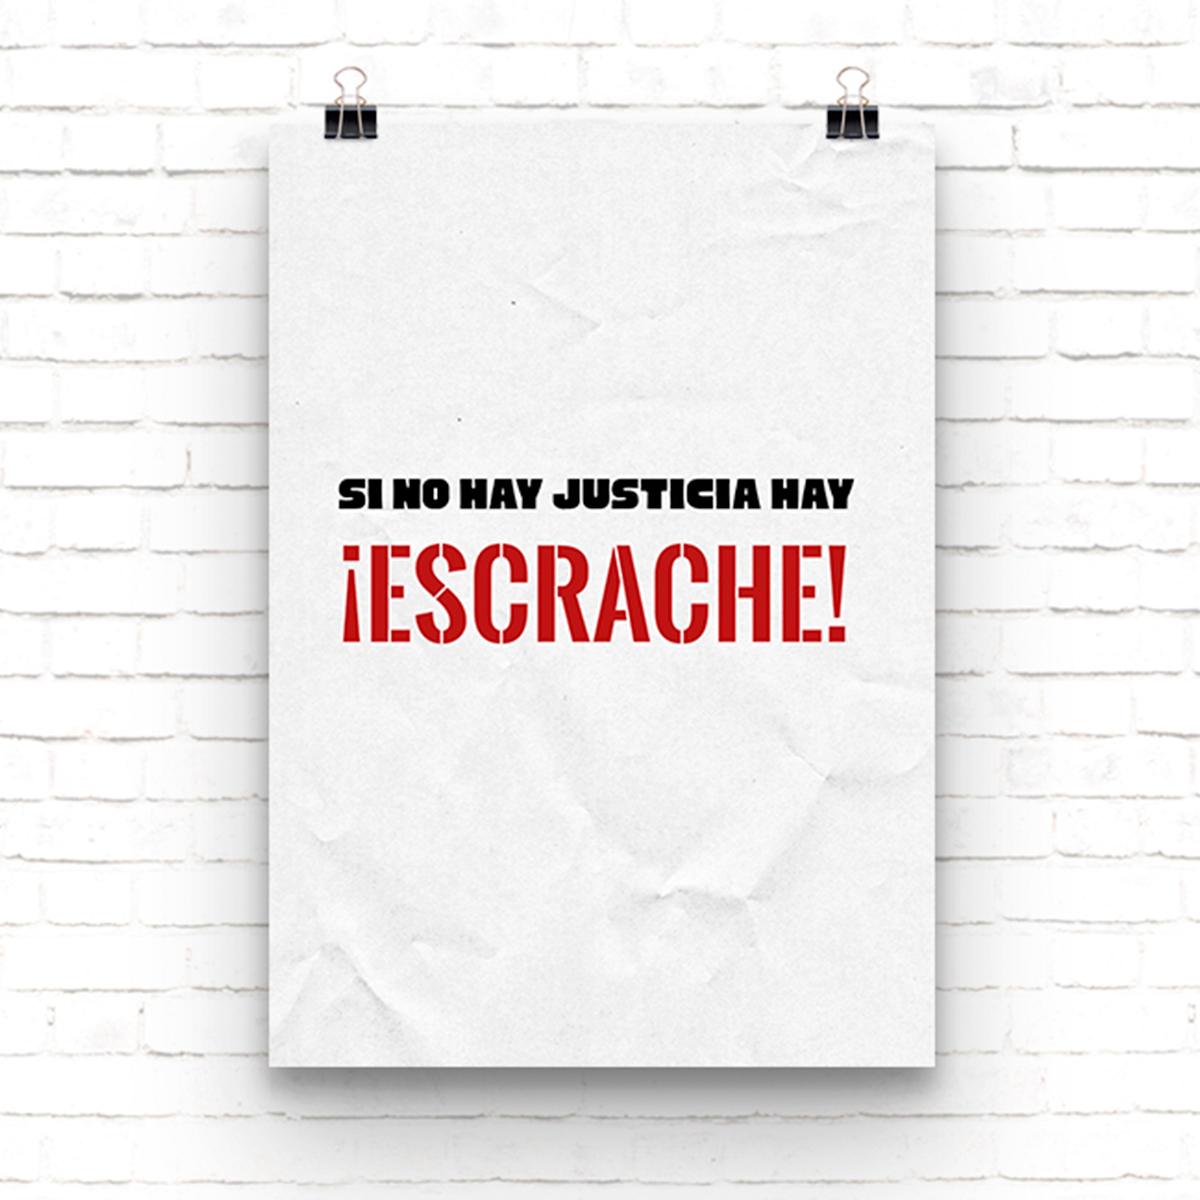 SI-NO-HAY-JUSTICIA-HAY-ESCRACHE-CUADRADO